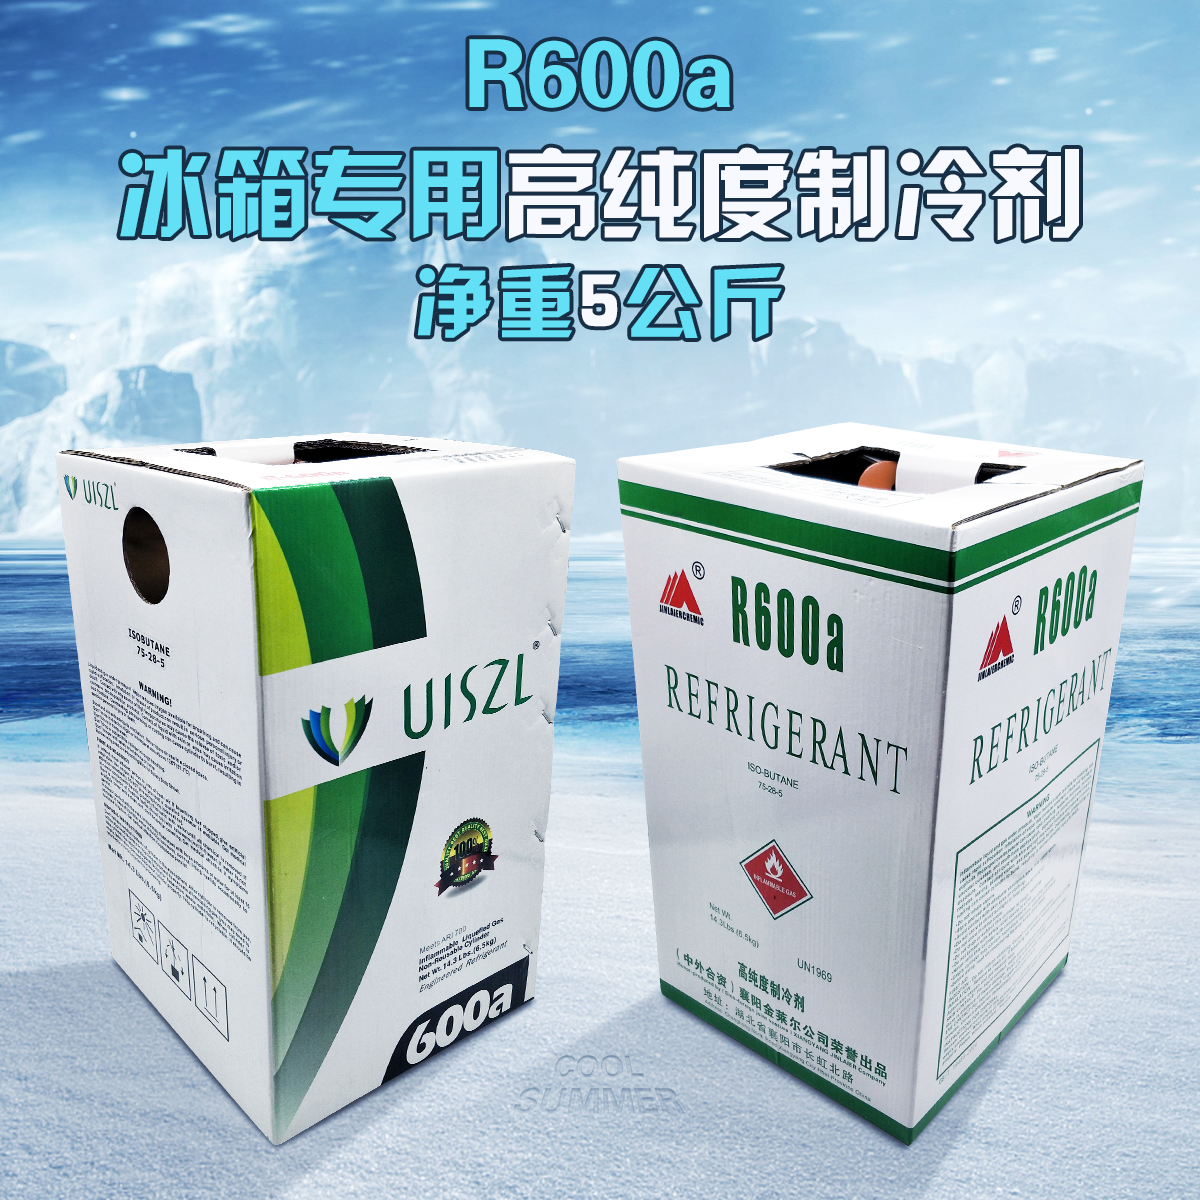 пакет по пощата, приложими за различни марки и хладилник R600A хладилен агент на хладилен агент фреон нетно тегло 5 кг